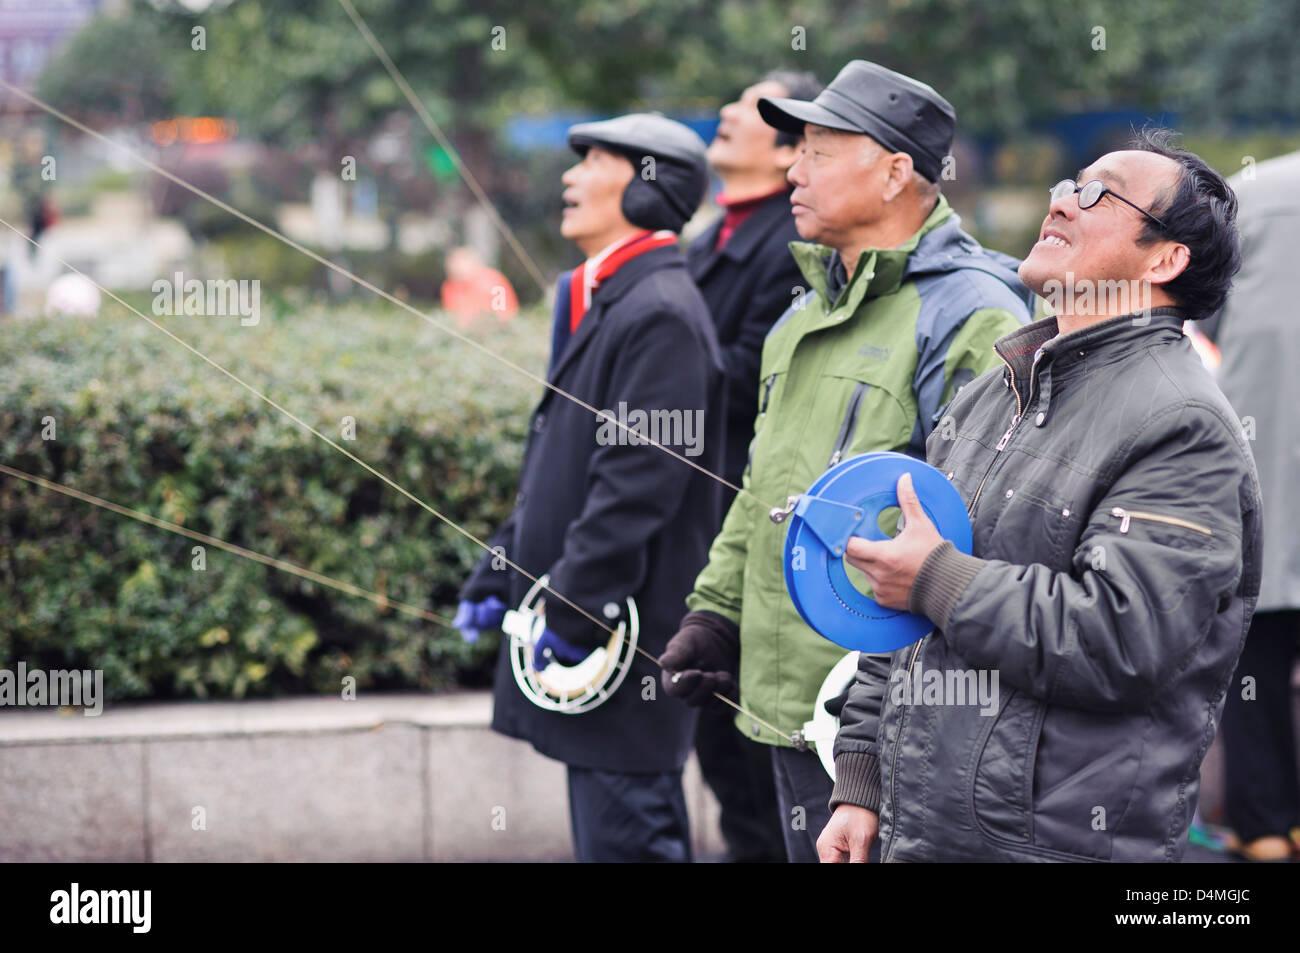 Local men flying kites in Wushan Square, Hangzhou, China - Stock Image